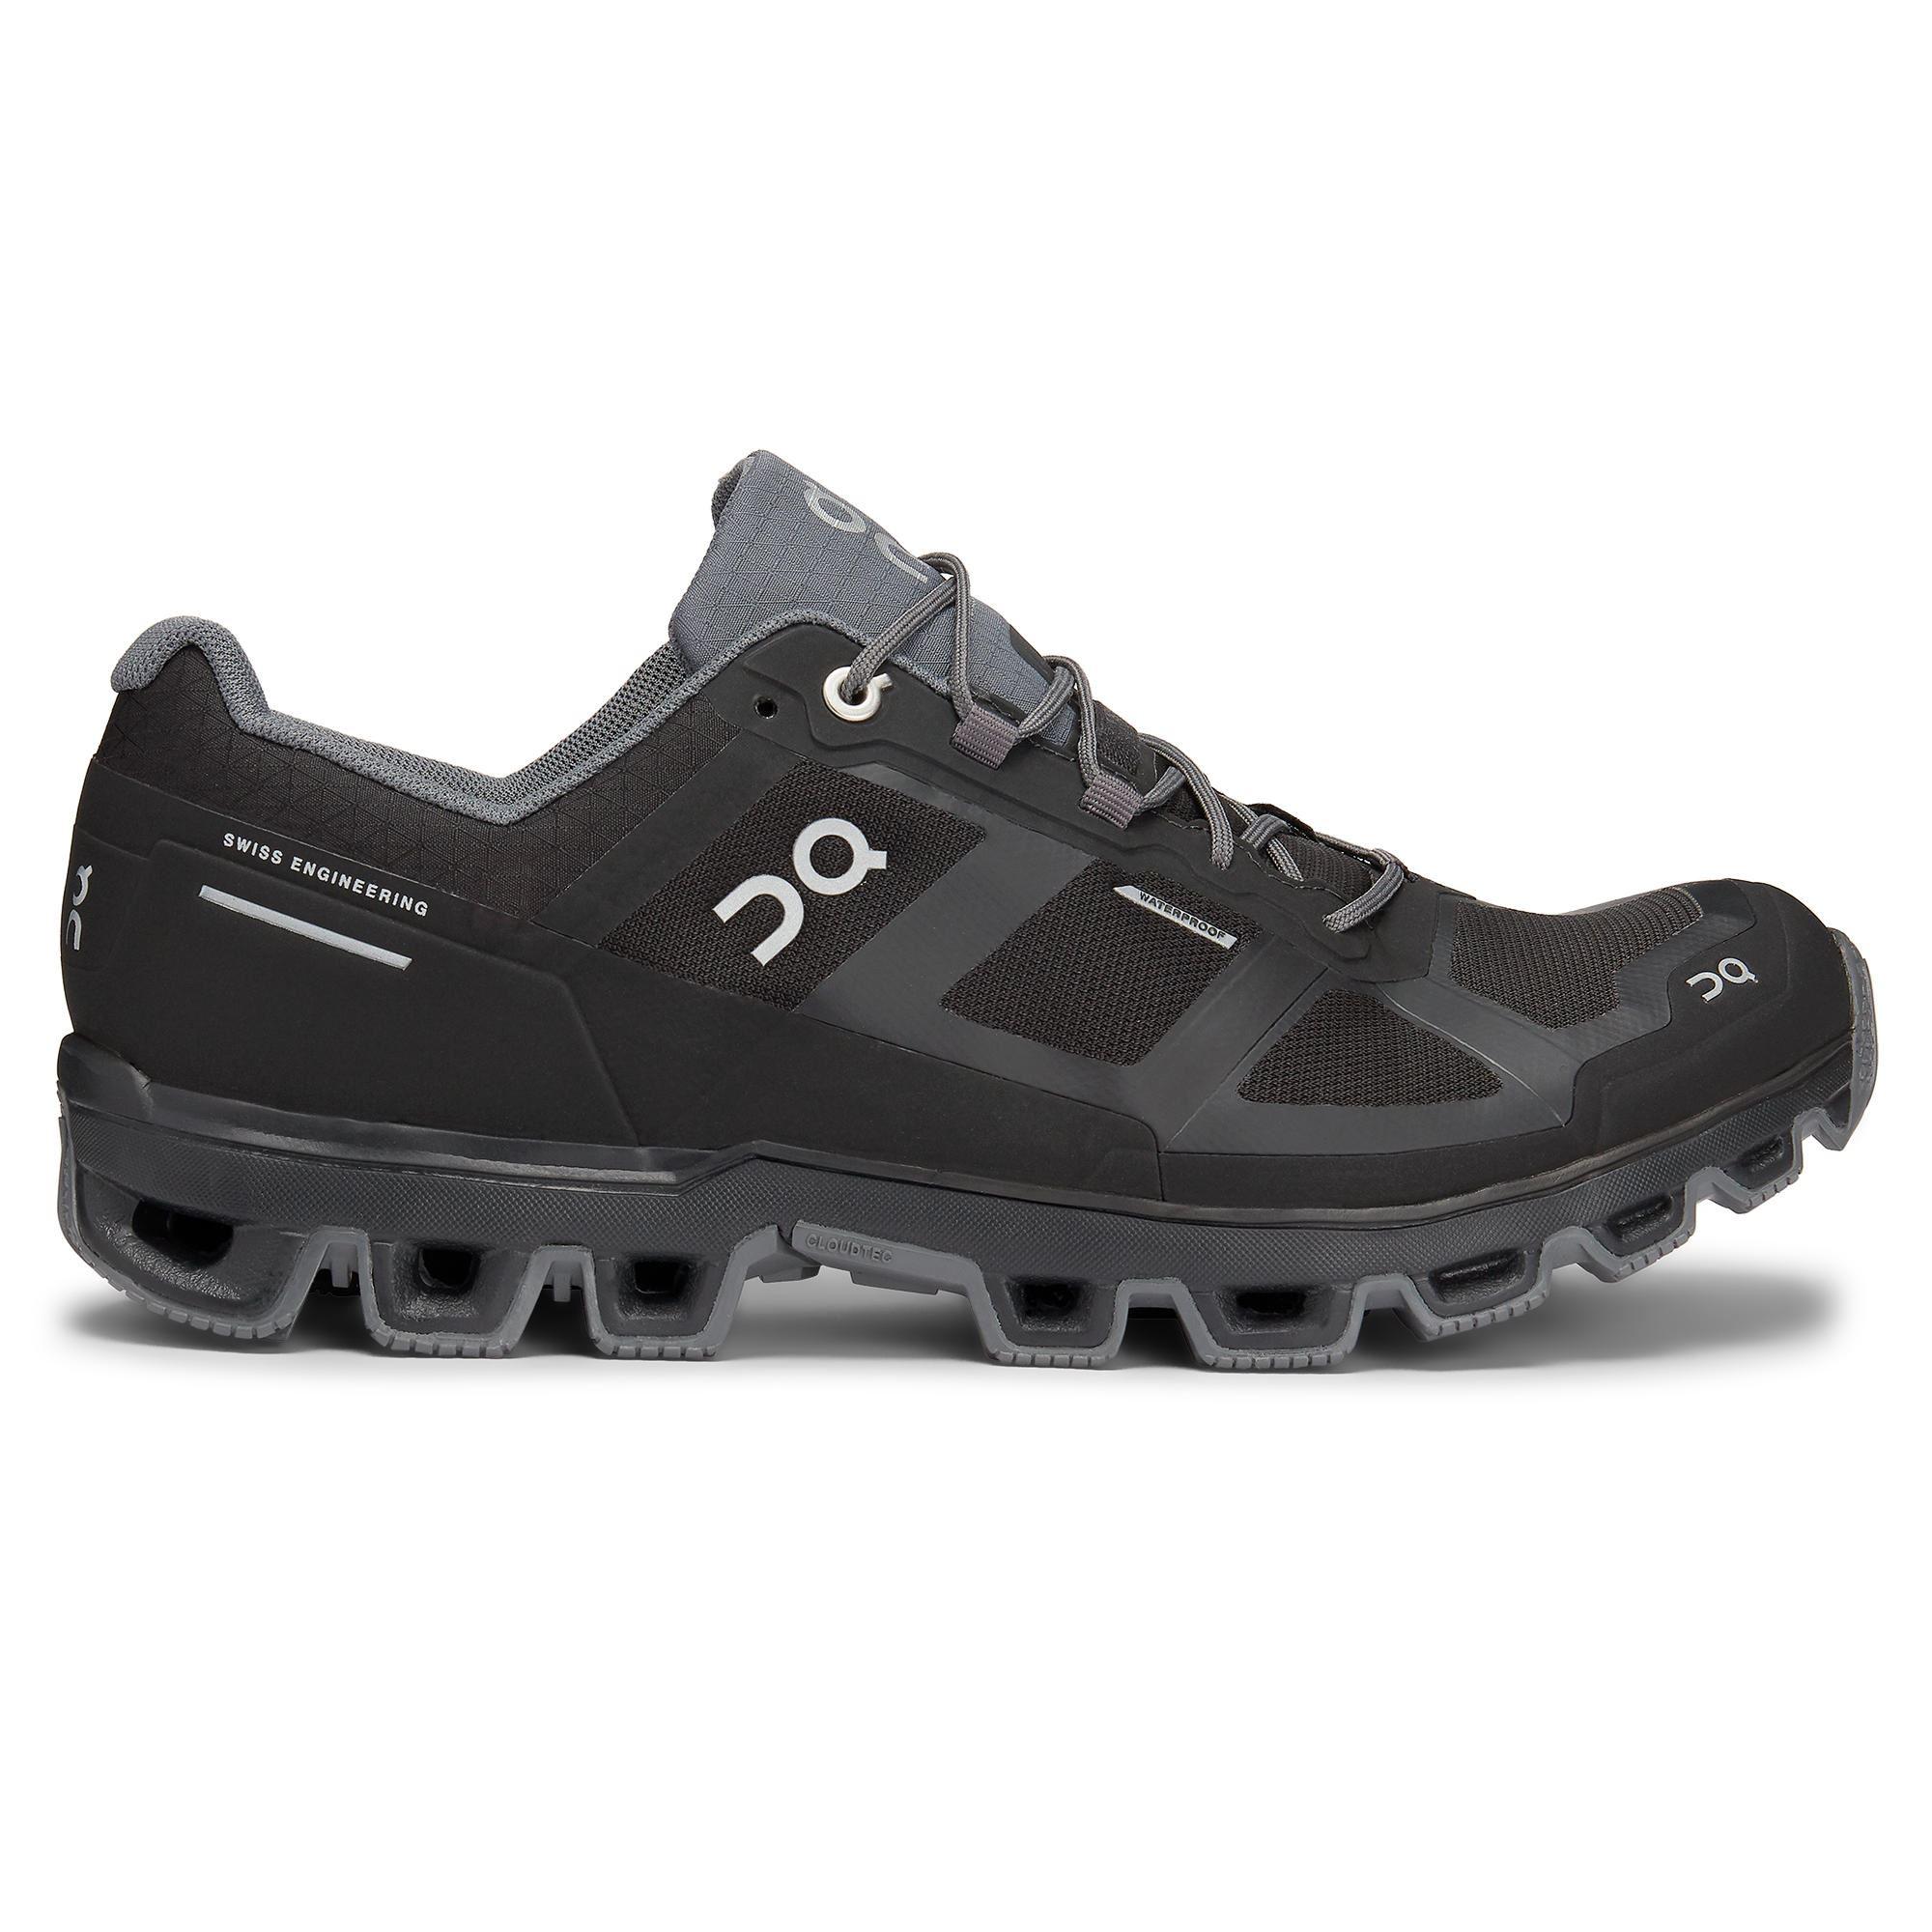 Cloudventure Waterproof Running Shoe - Men's